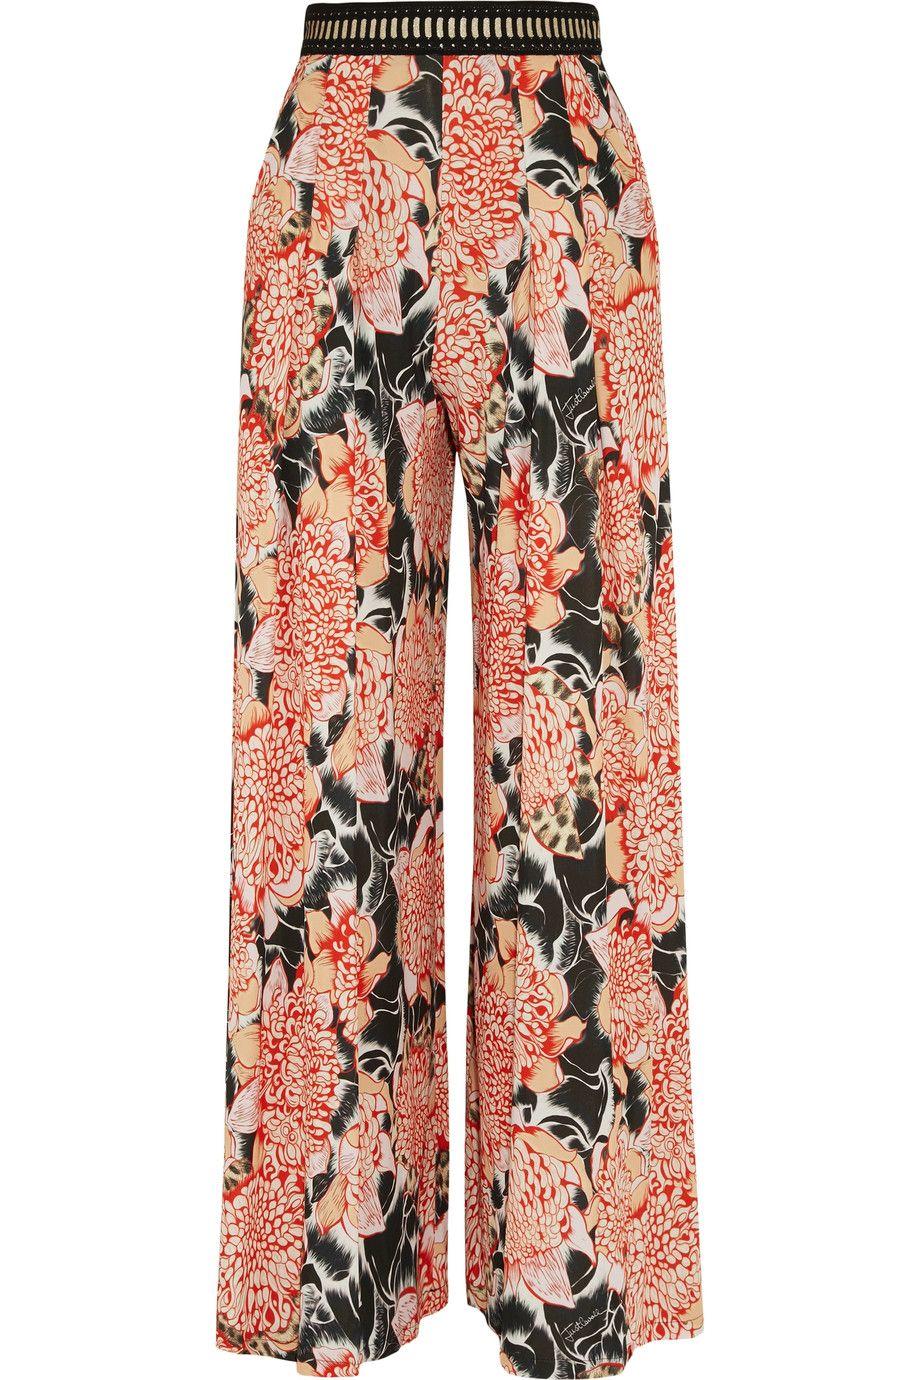 Just Cavalli Woman Jersey Wide-leg Pants Red Size 38 Just Cavalli RBfsBFF7W